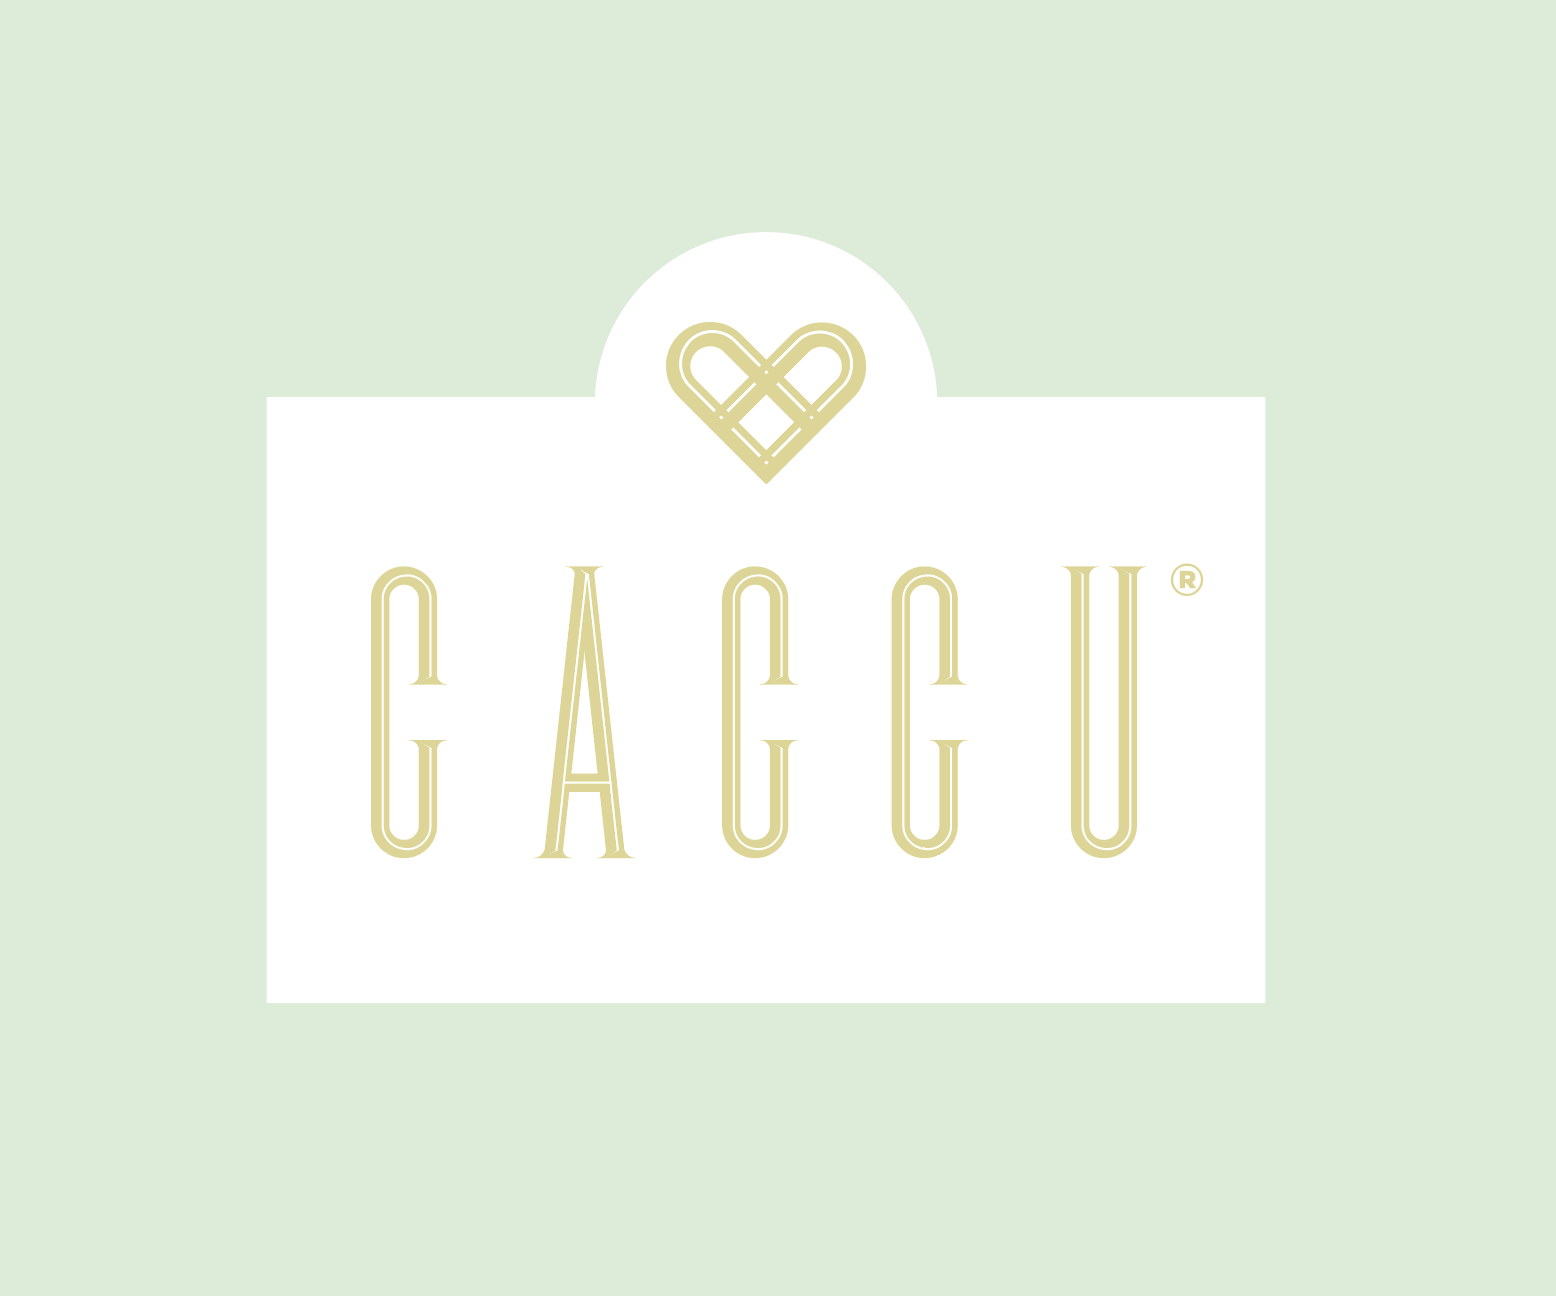 Caccu logo & branding